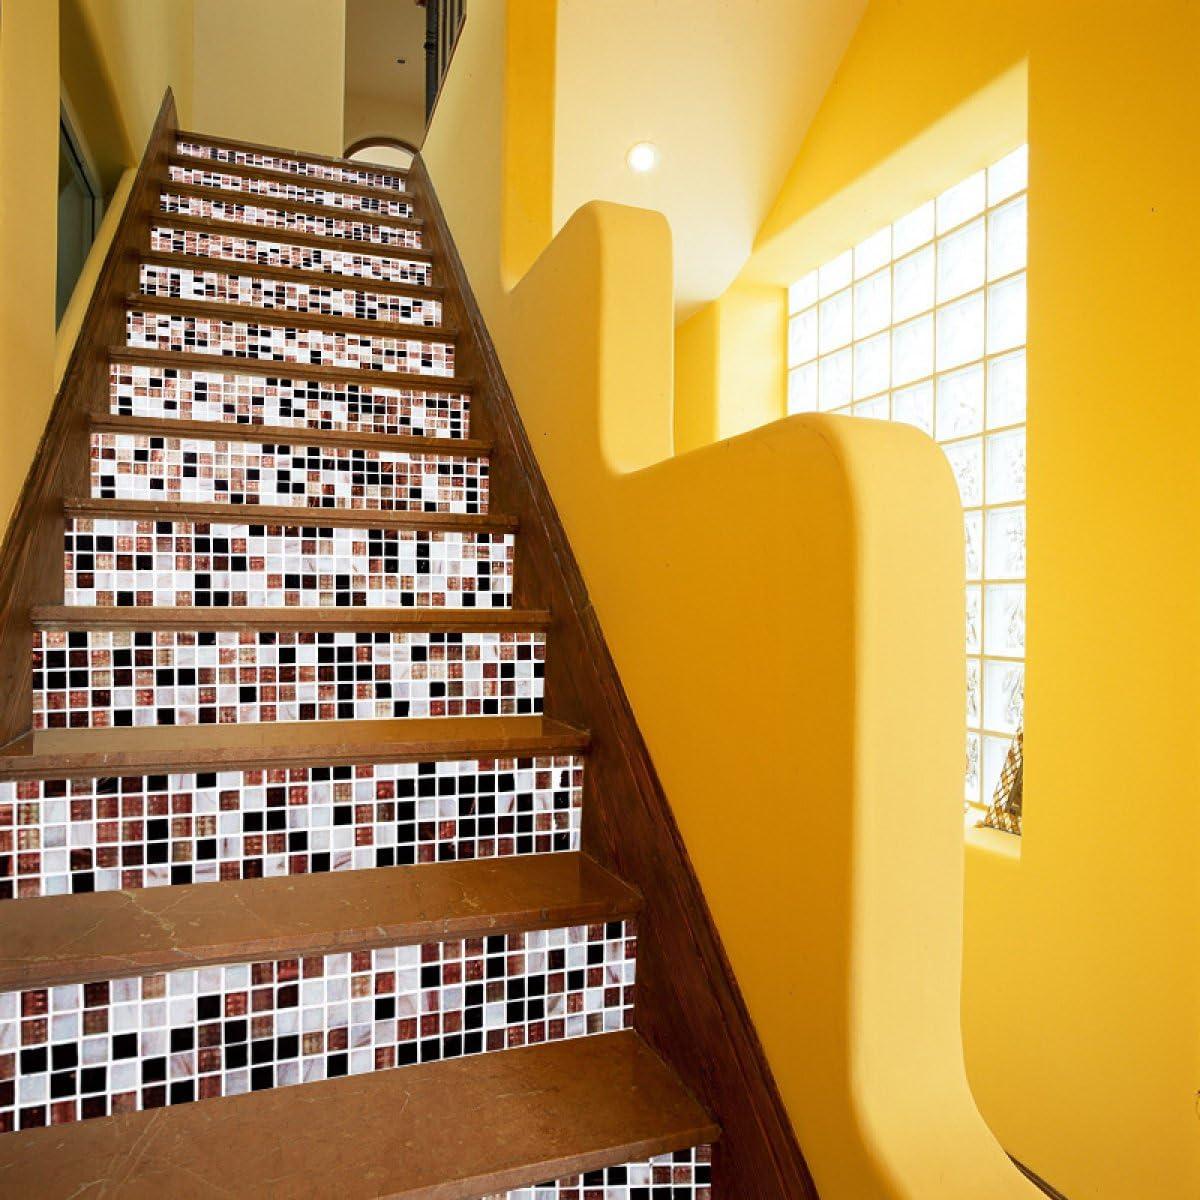 QTZS Creativo 3D Color Pequeño Cuadrado Escalera Pegatinas DIY Renovación Pegatinas De Pared Decorativas 13 Unids: Amazon.es: Hogar